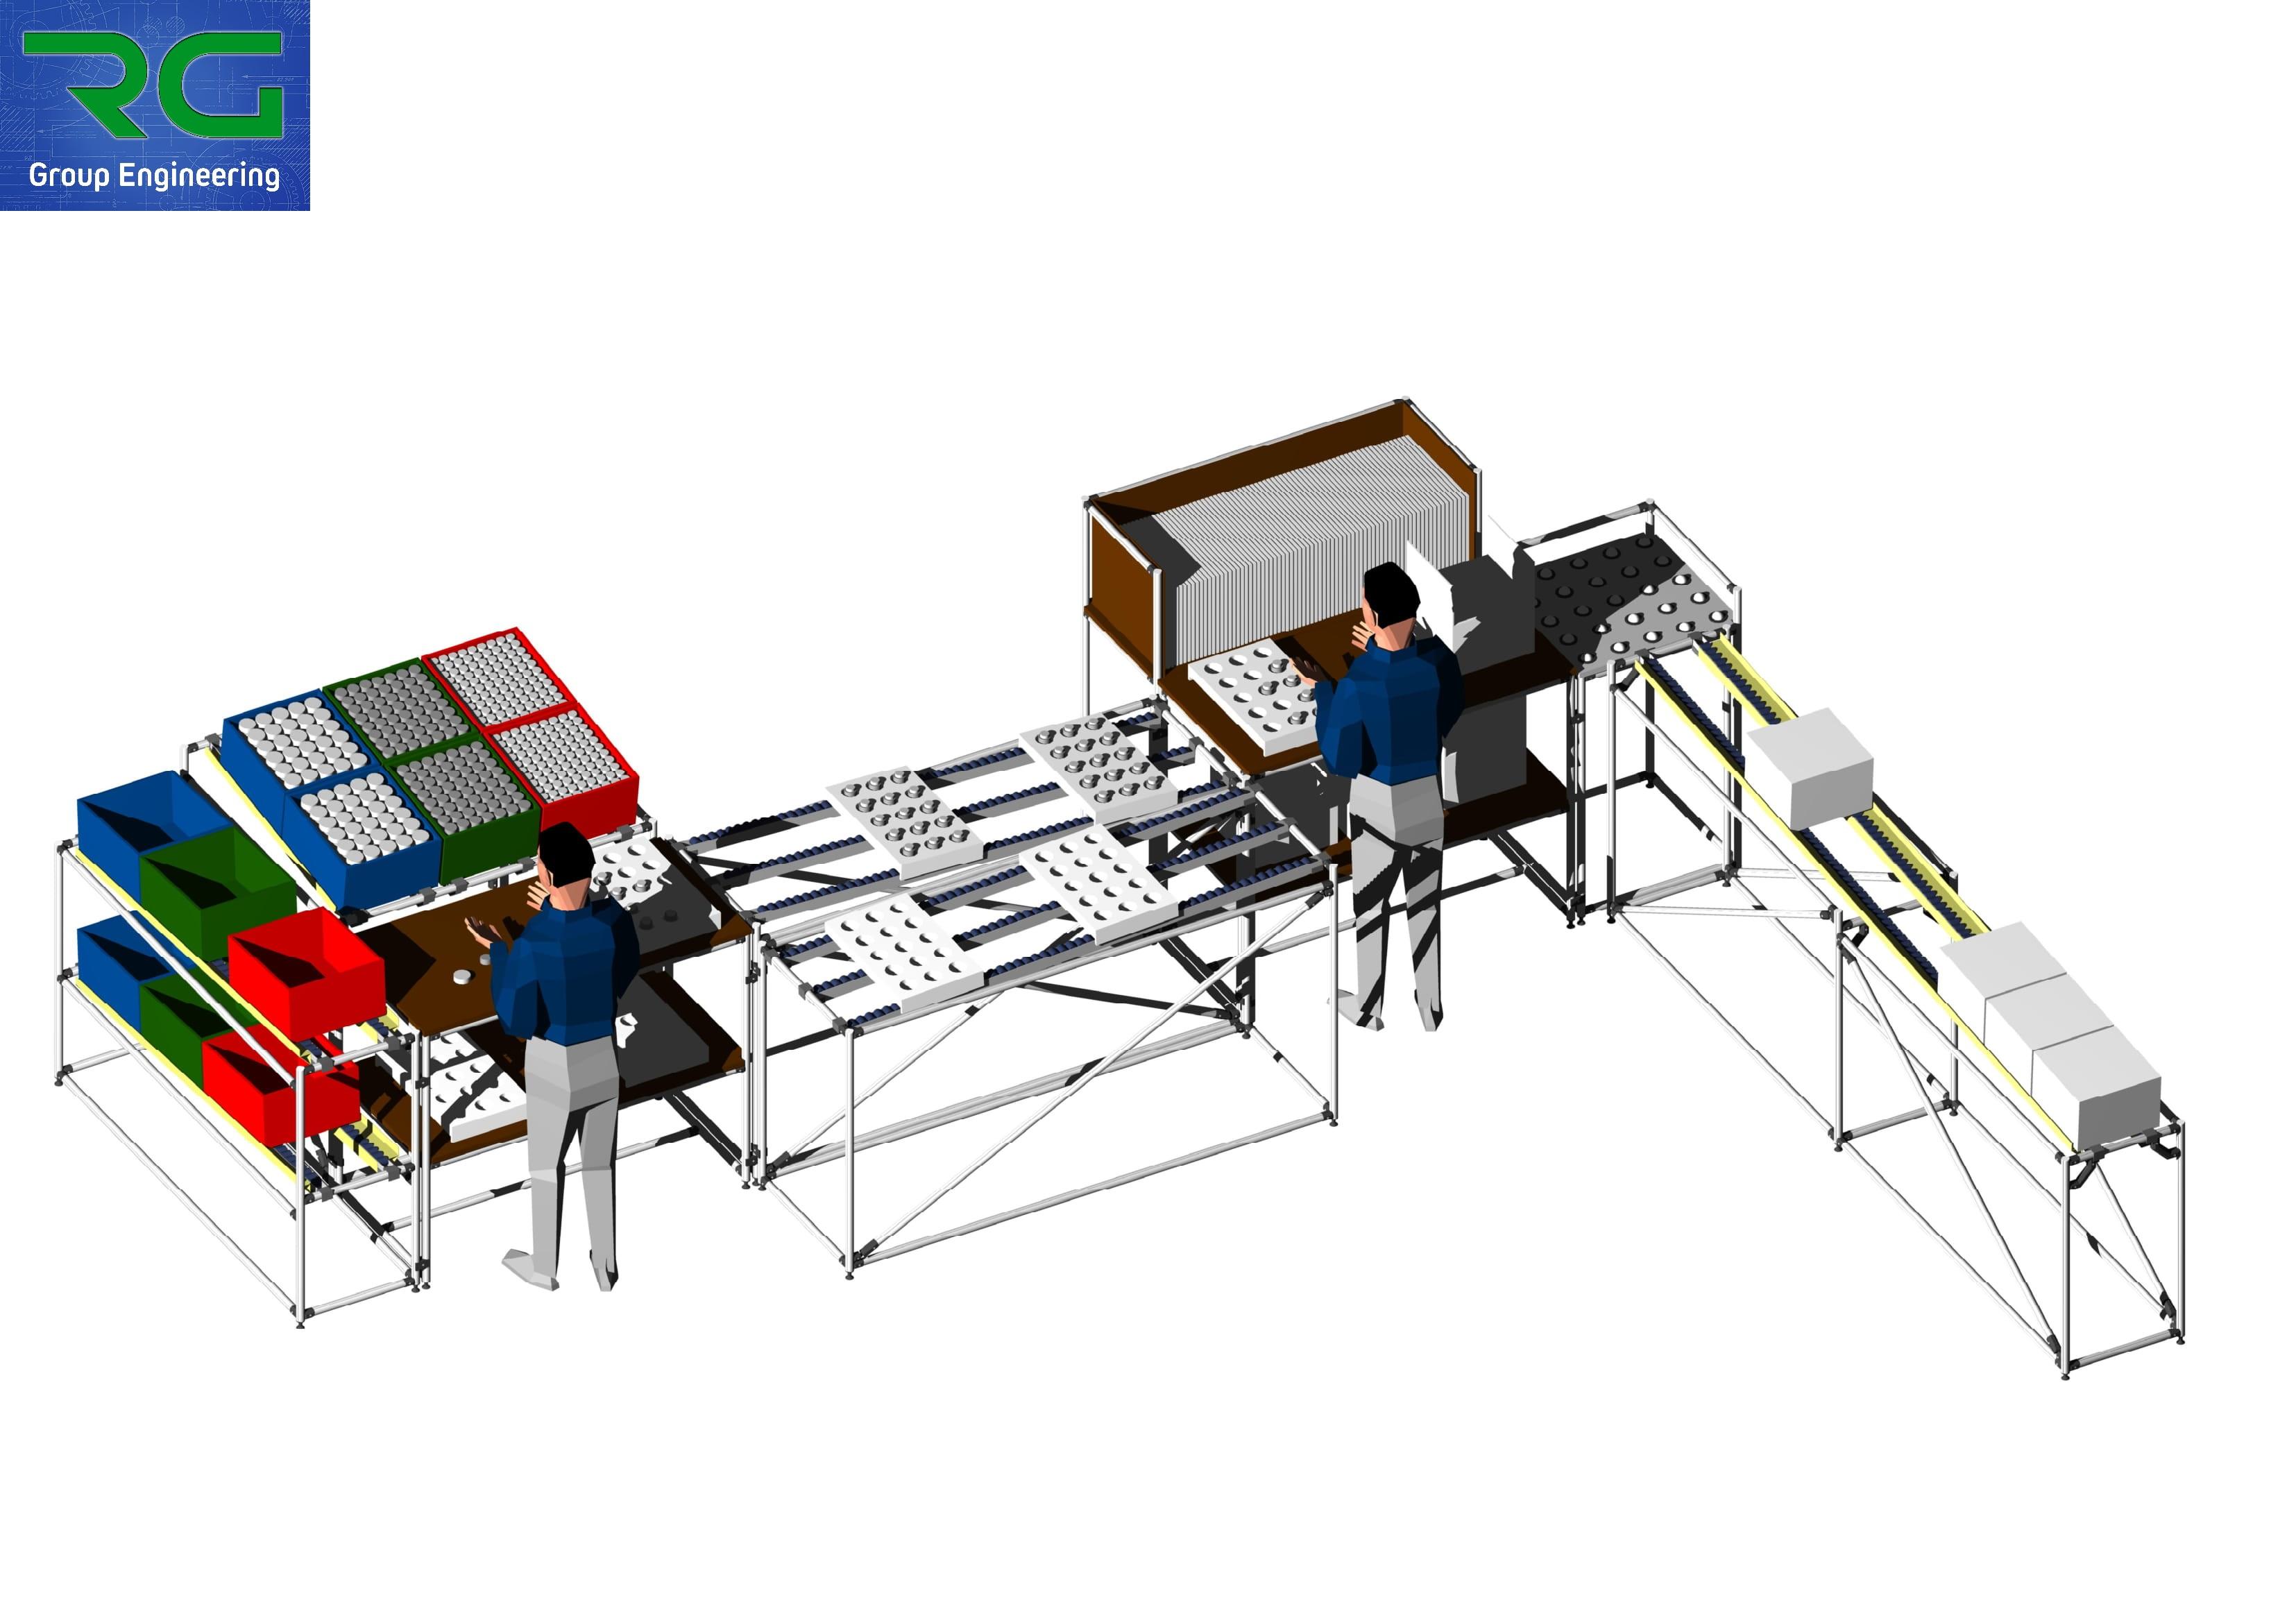 ISOLA DI LAVORO (SETTORE AUTOMOTIVE) Strutture lean statiche in alluminio per assemblaggio componenti e confezionamento scatole.